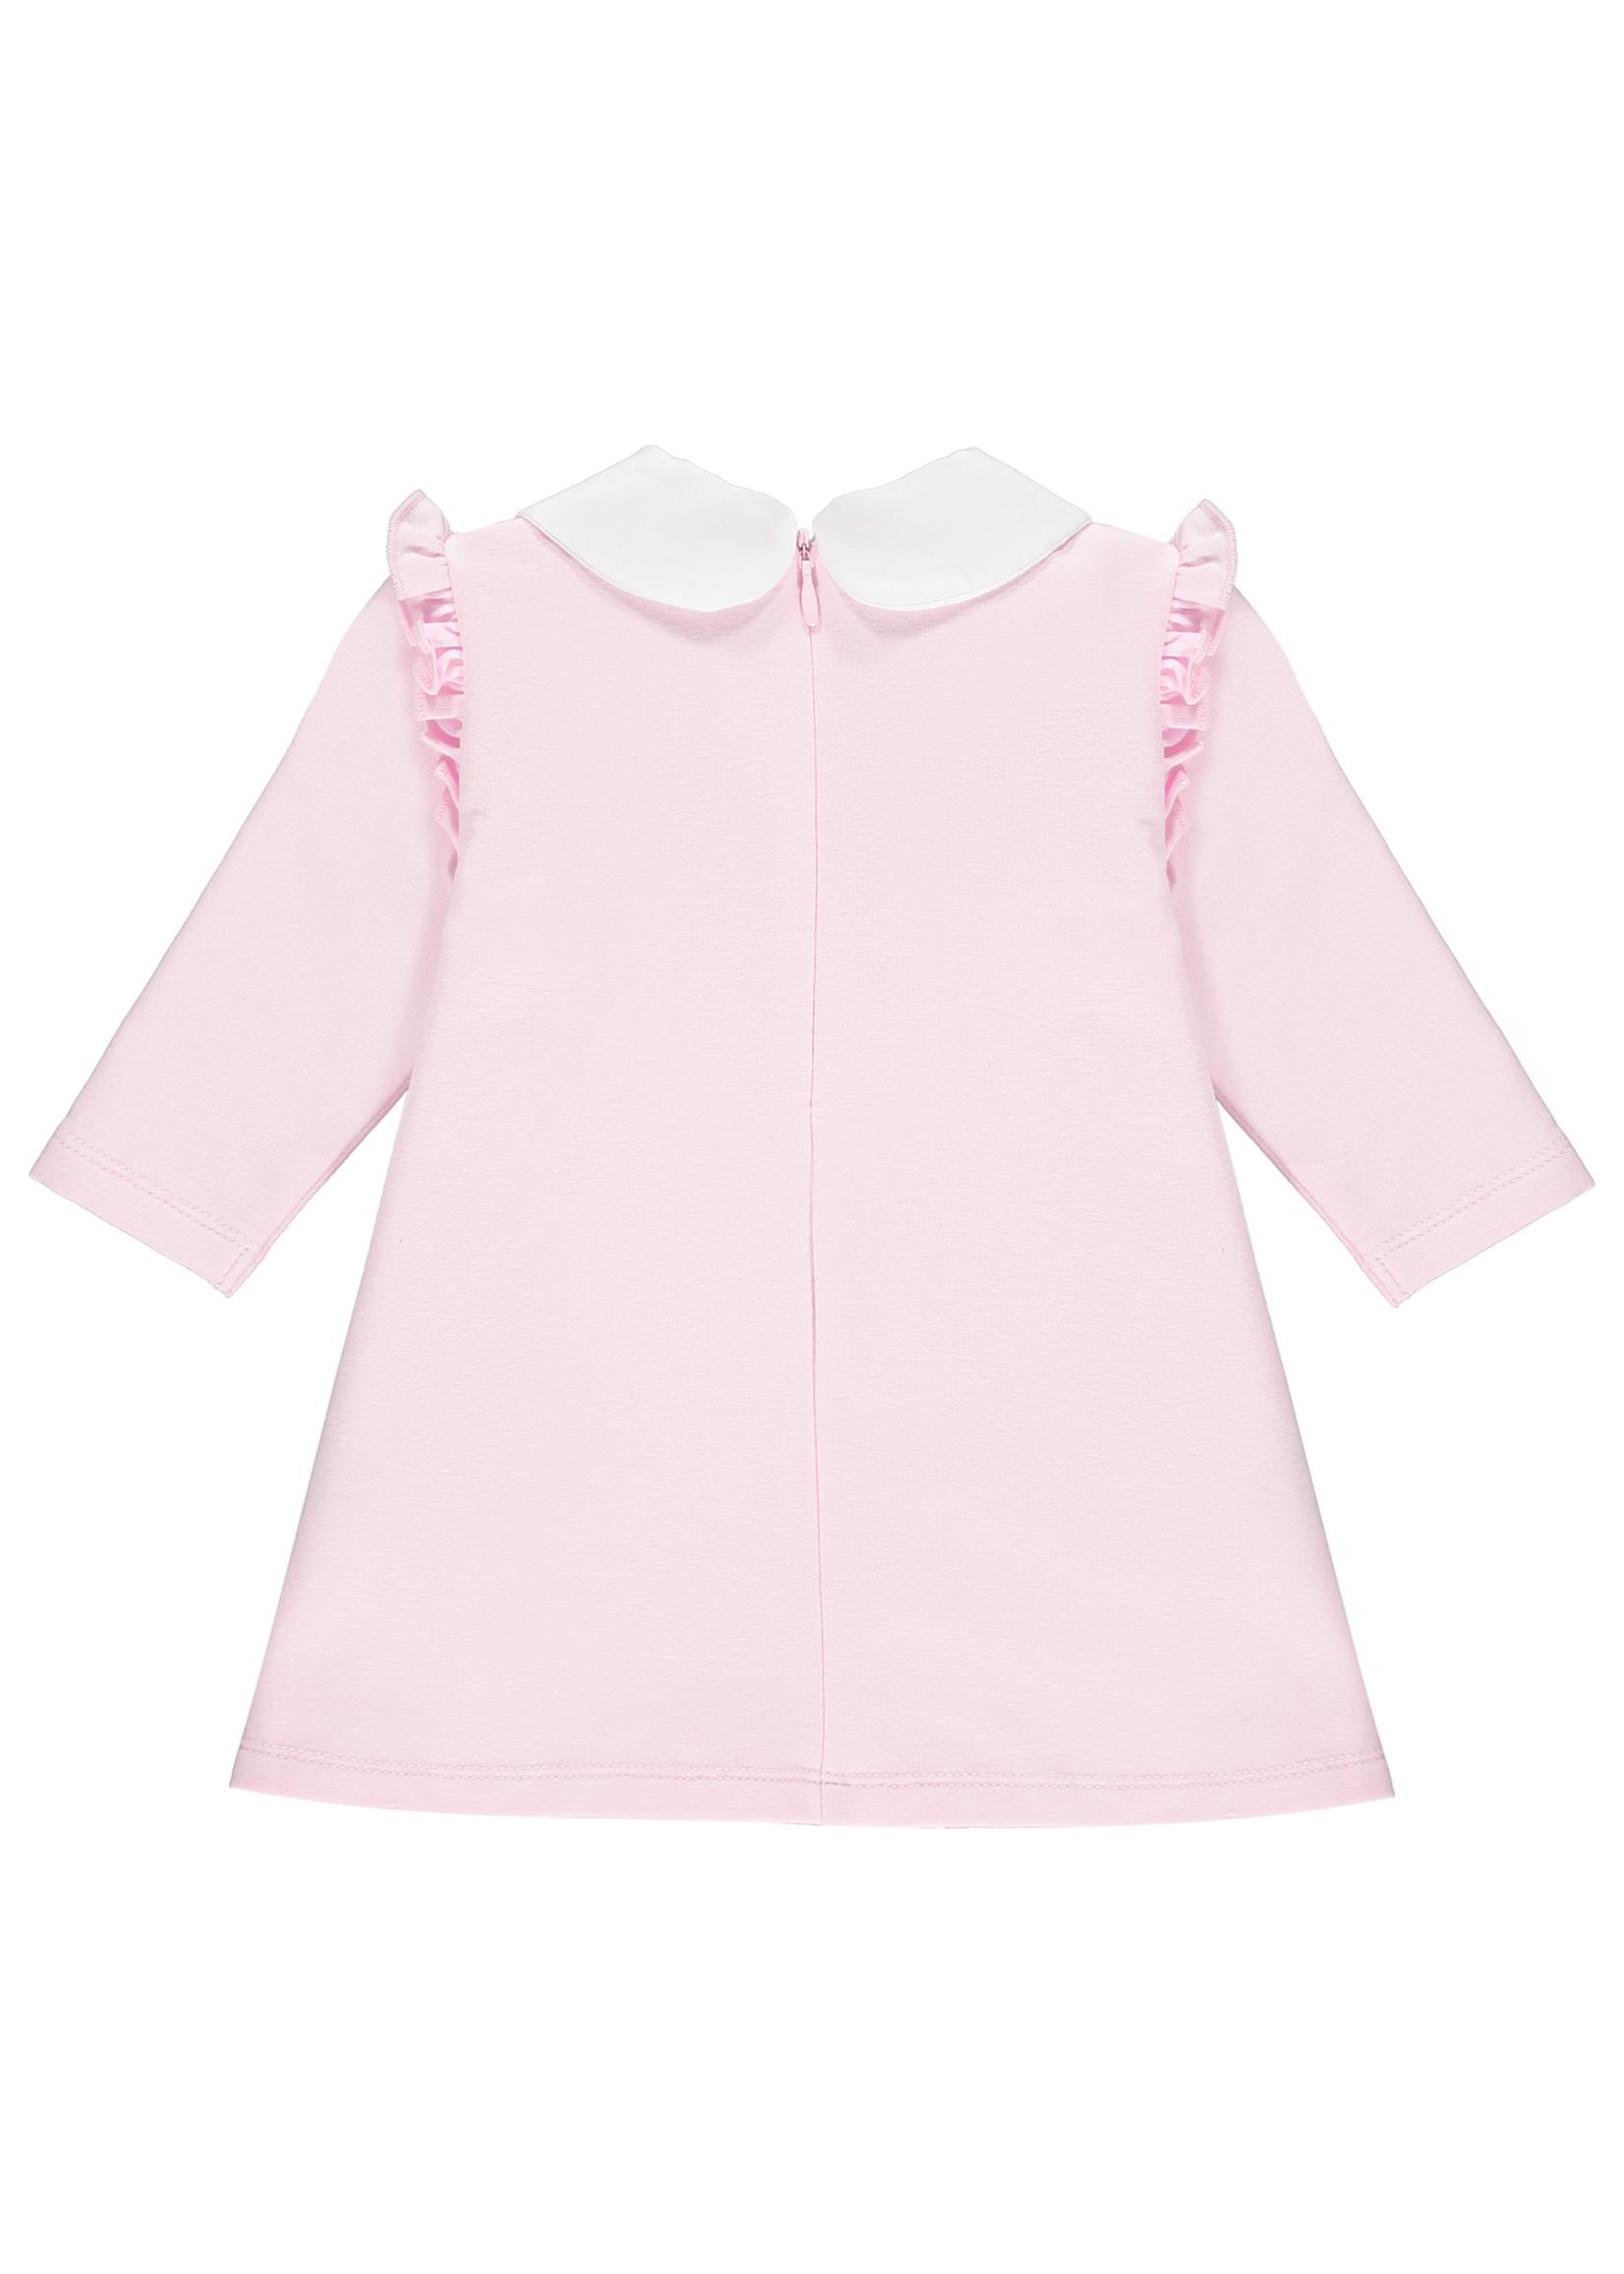 Little Adee Little Adee ARLENE Large heart dress